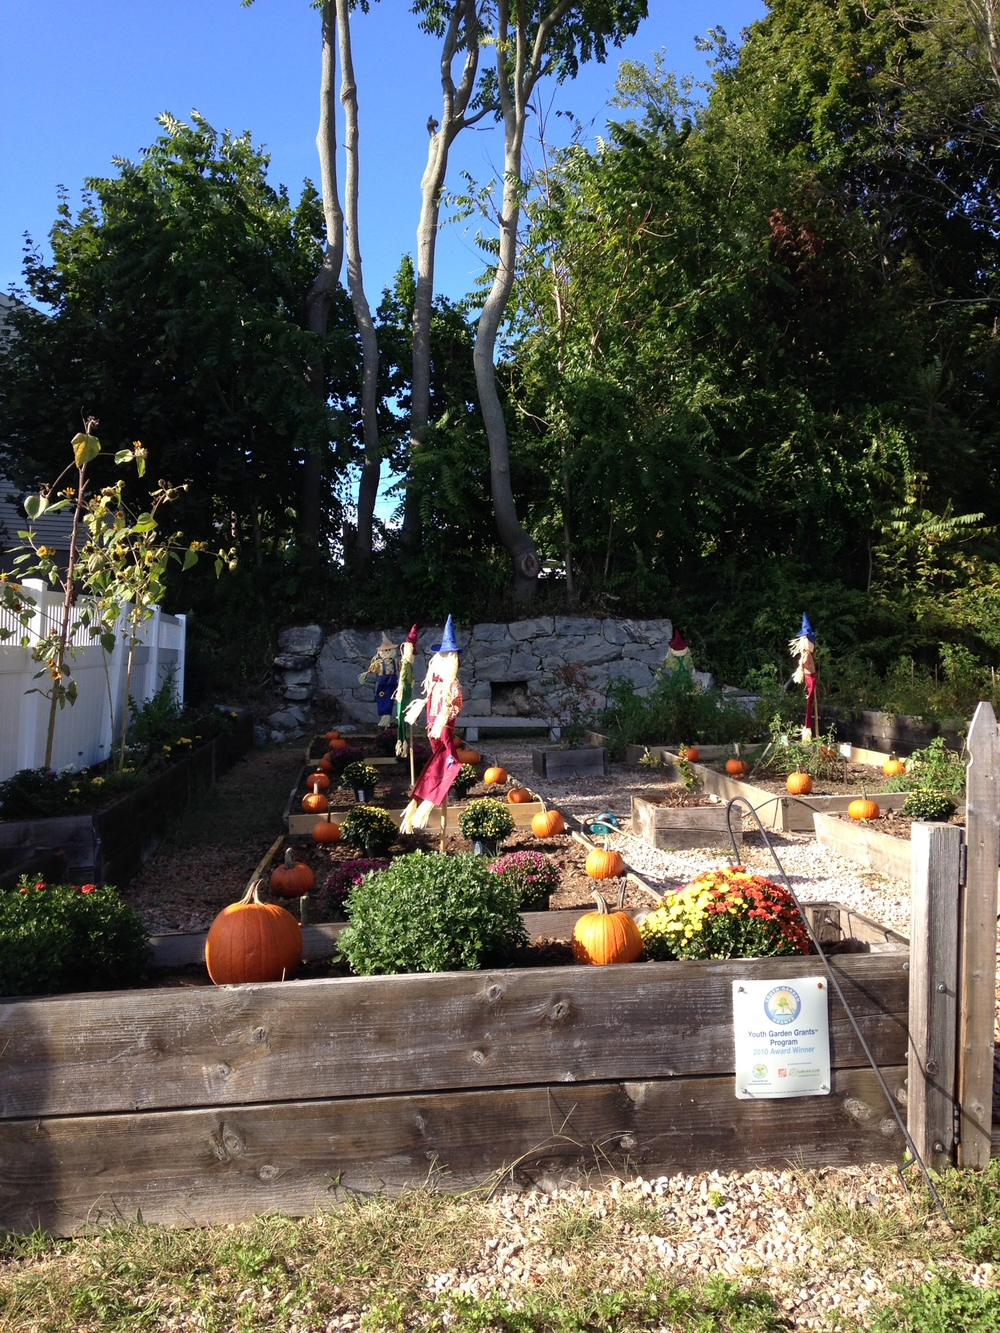 RiverfrontChildrensCenter_Garden.jpg